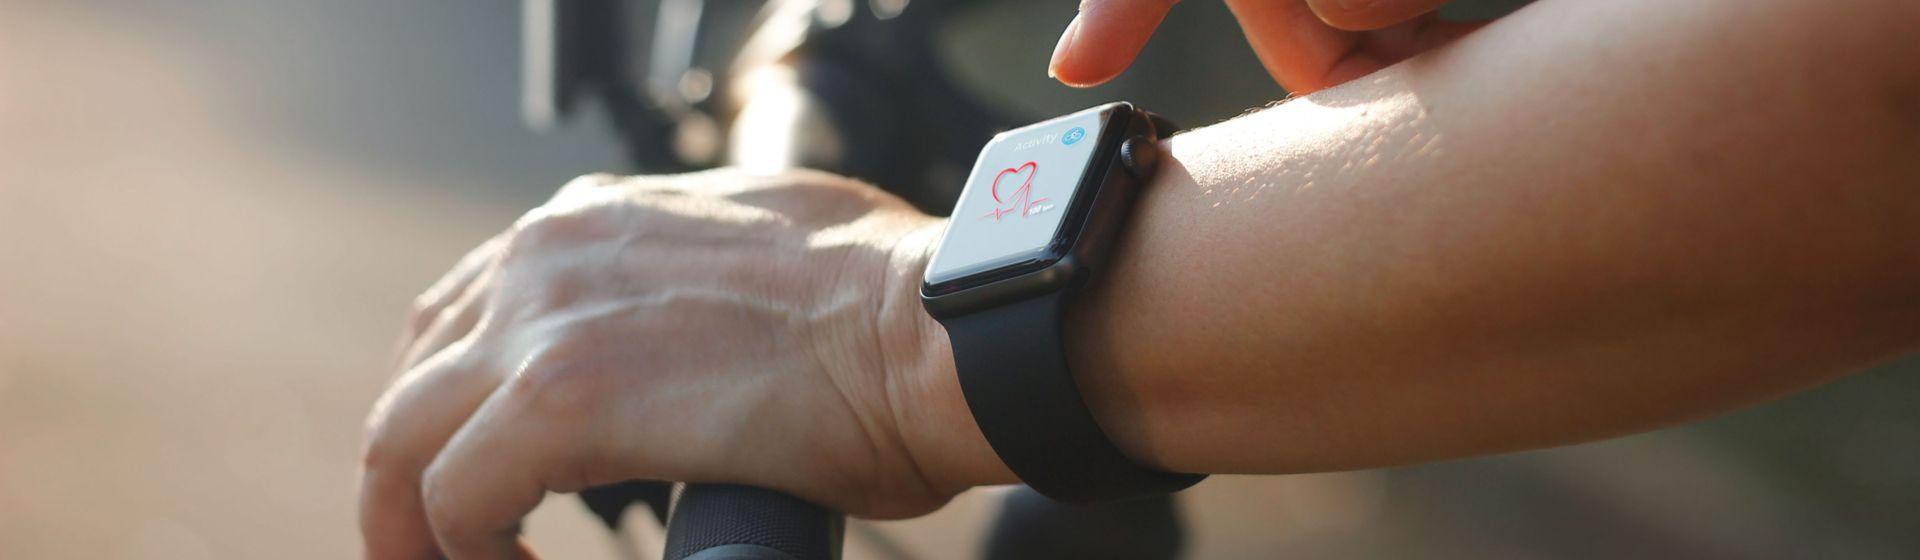 Smartwatch fitness: veja opções de relógios inteligentes